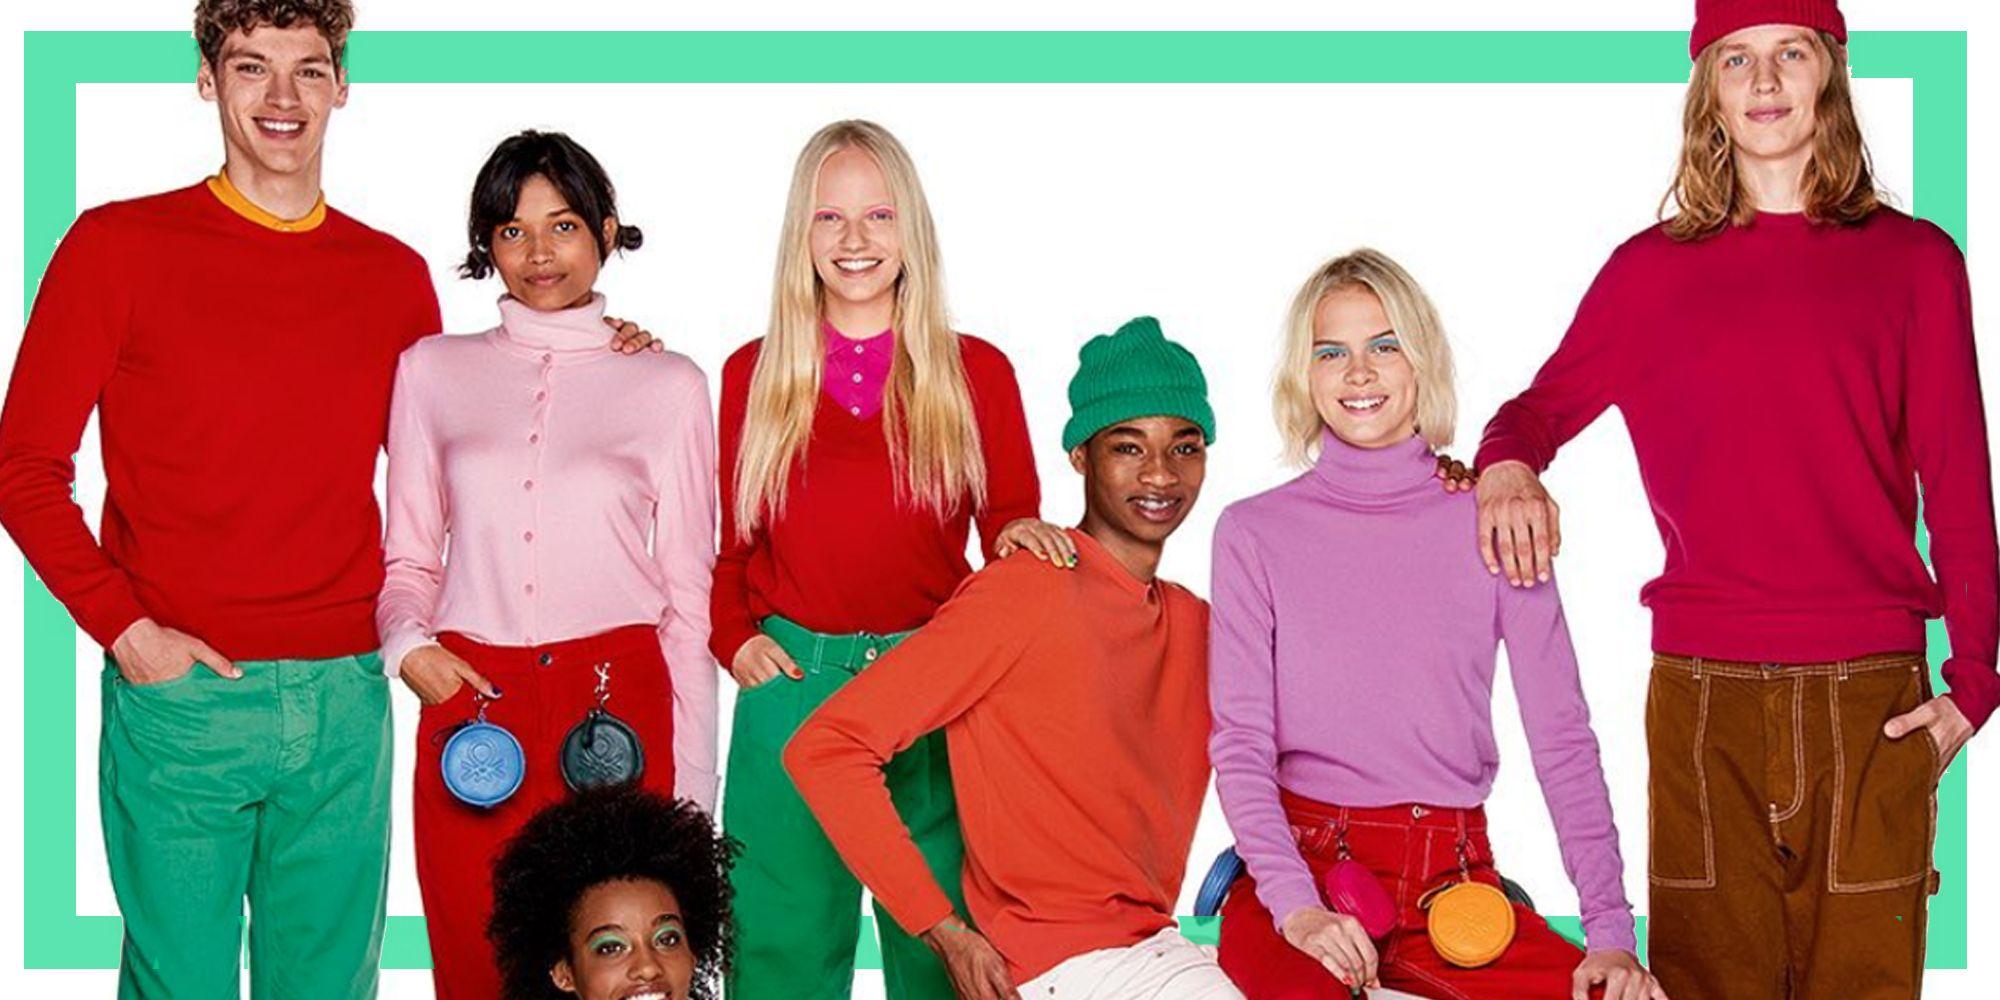 United Colors of Benetton Maglia Collo Alto Merino Basica